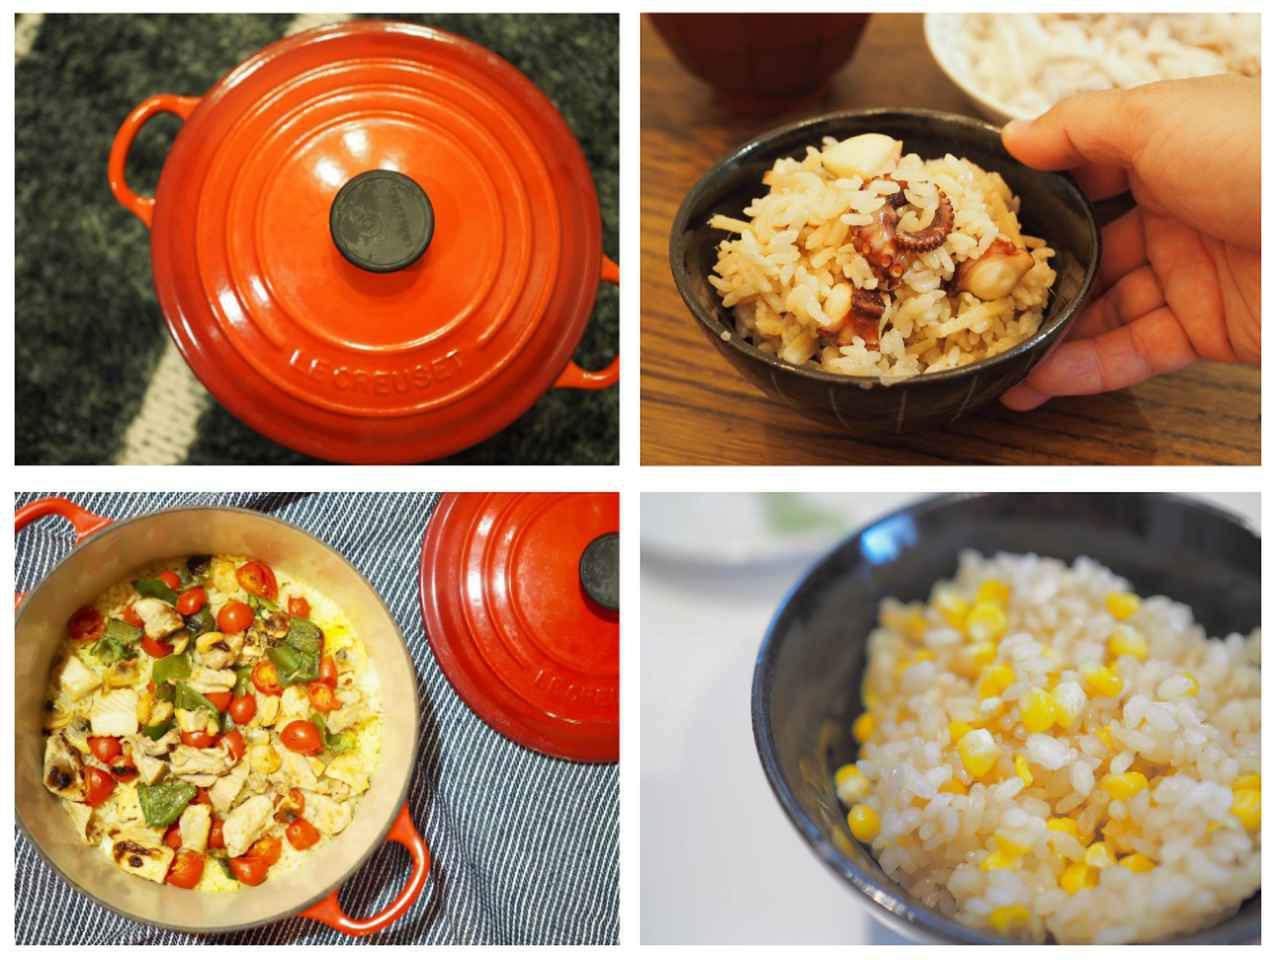 画像: ル・クルーゼで作る炊き込みご飯レシピ4選! 炊飯のコツ&たこめしやパエリアの作り方 - ハピキャン(HAPPY CAMPER)